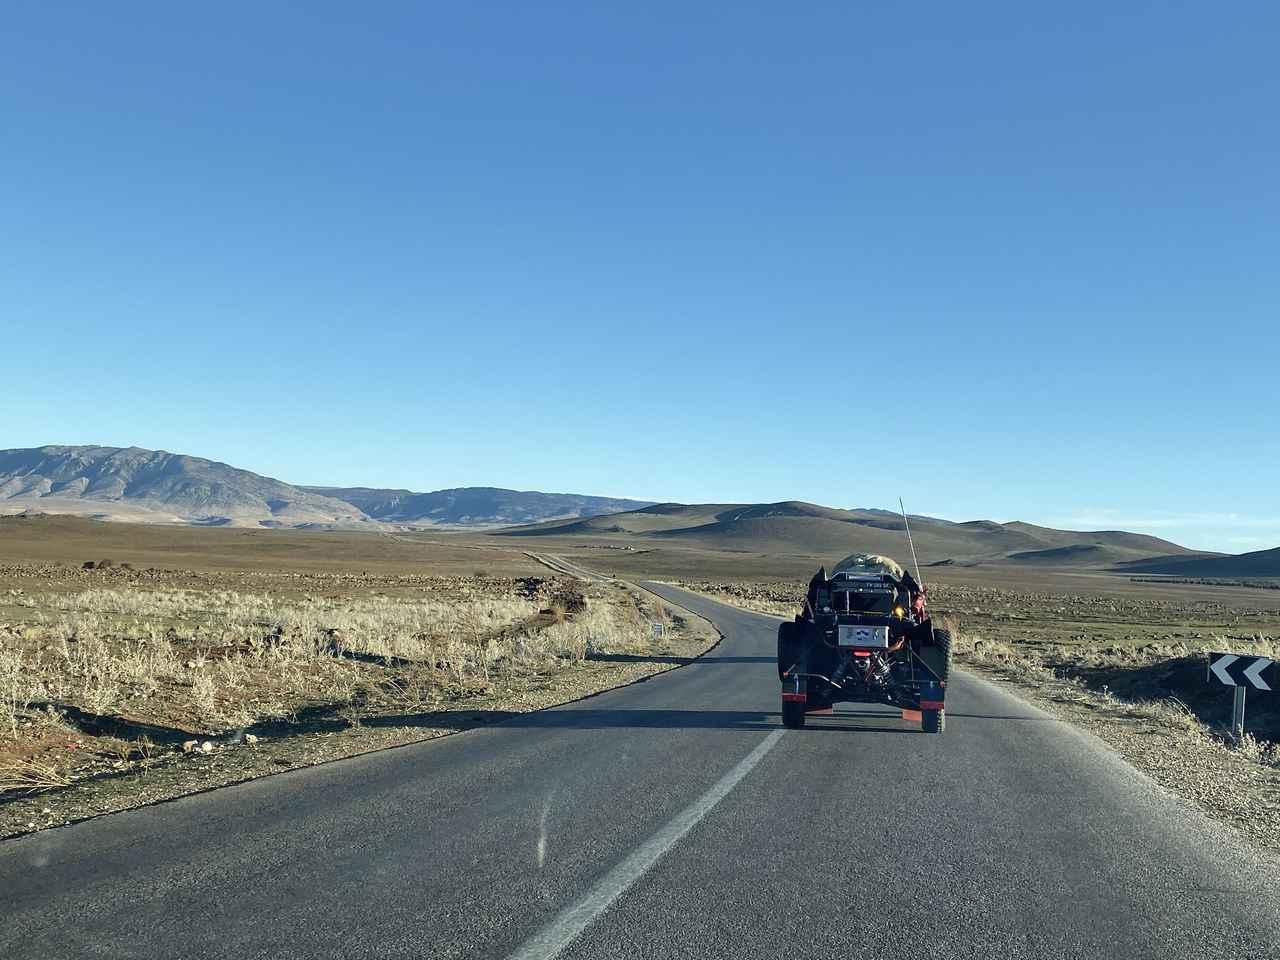 アトラス山脈をを越えて南下する750kmのロングステージ。Real Race to DAKAR Vol.4